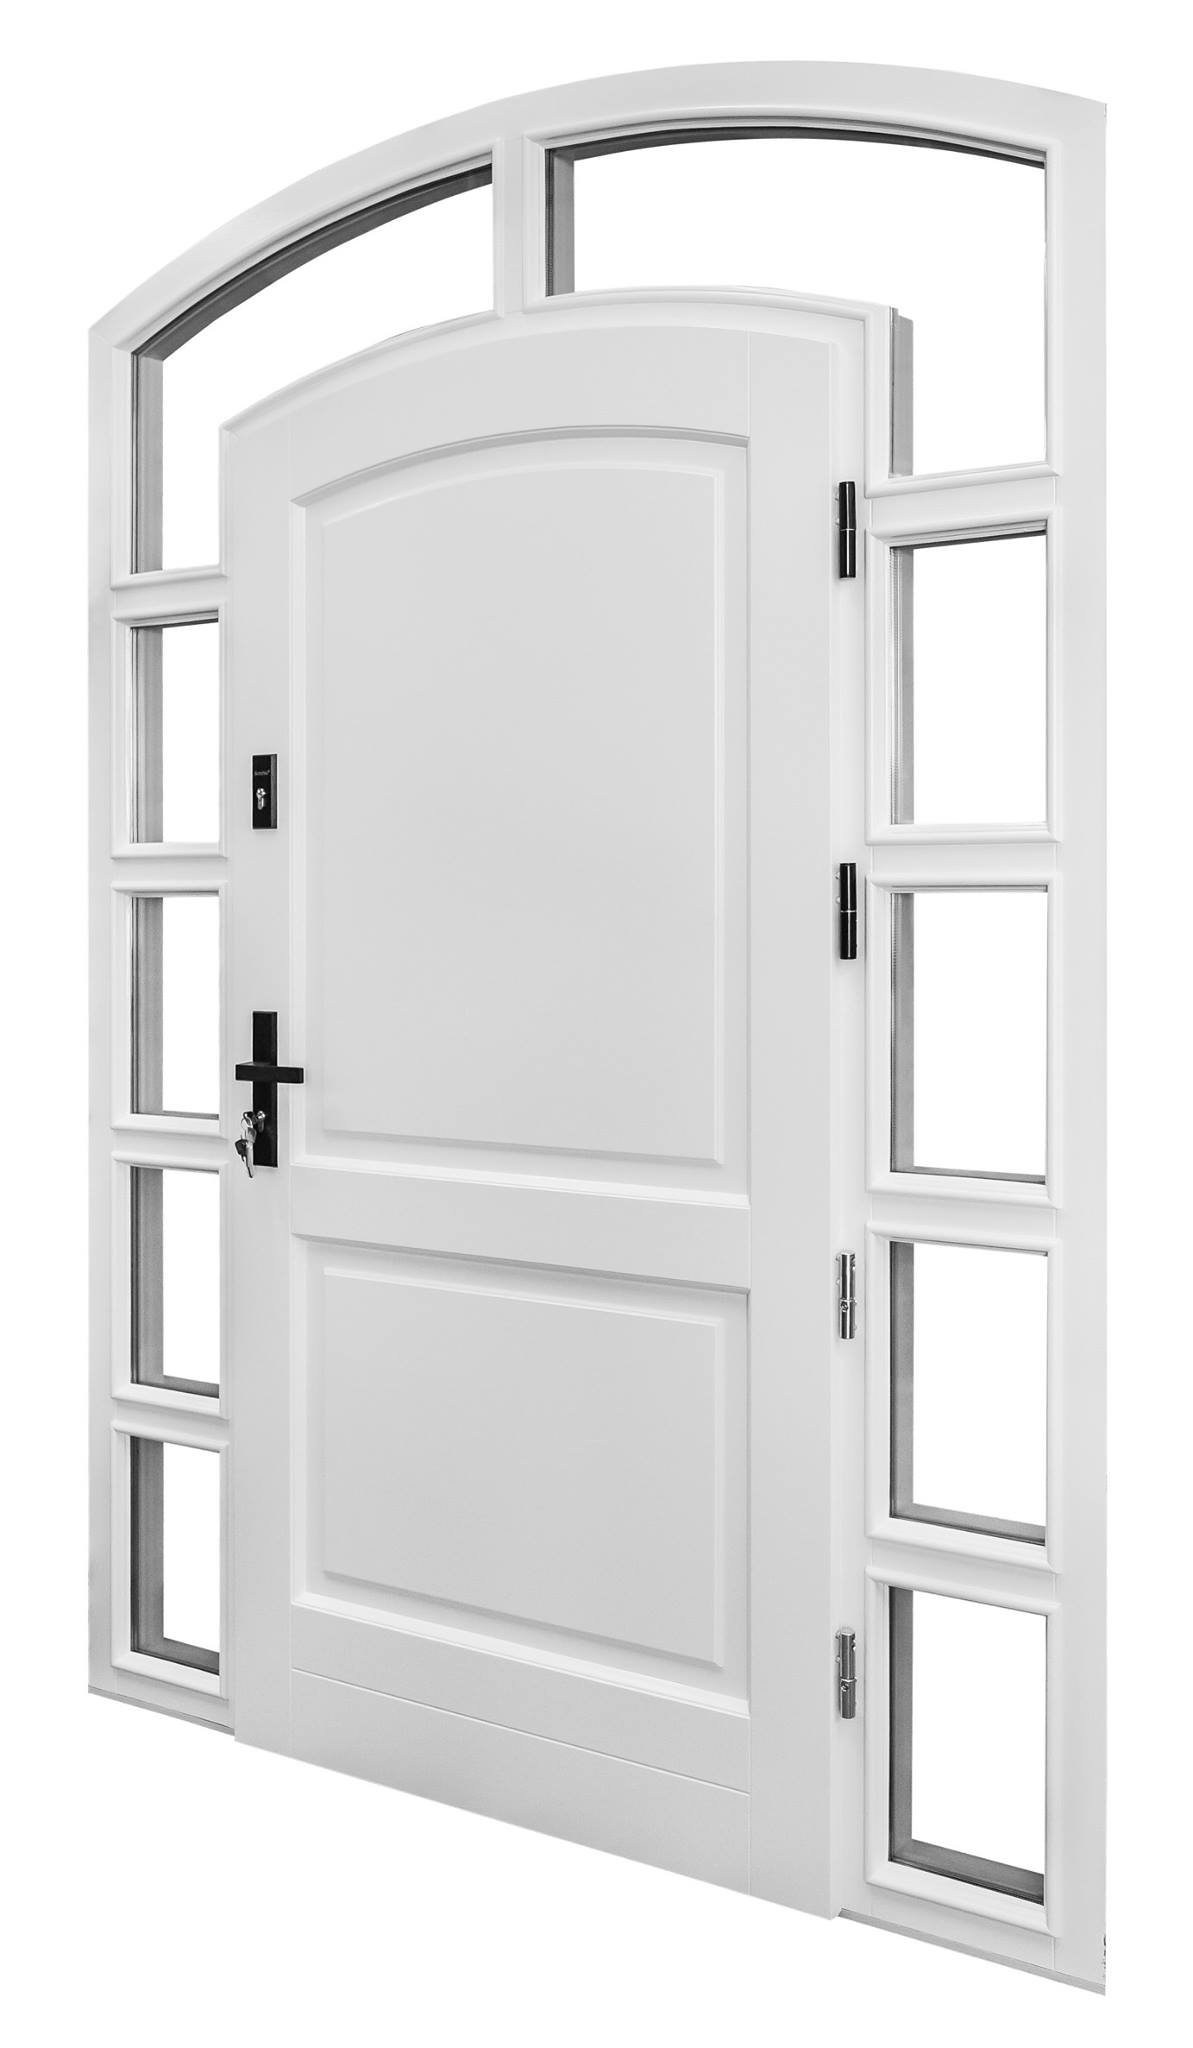 Barański Drzwi Classic Plus line